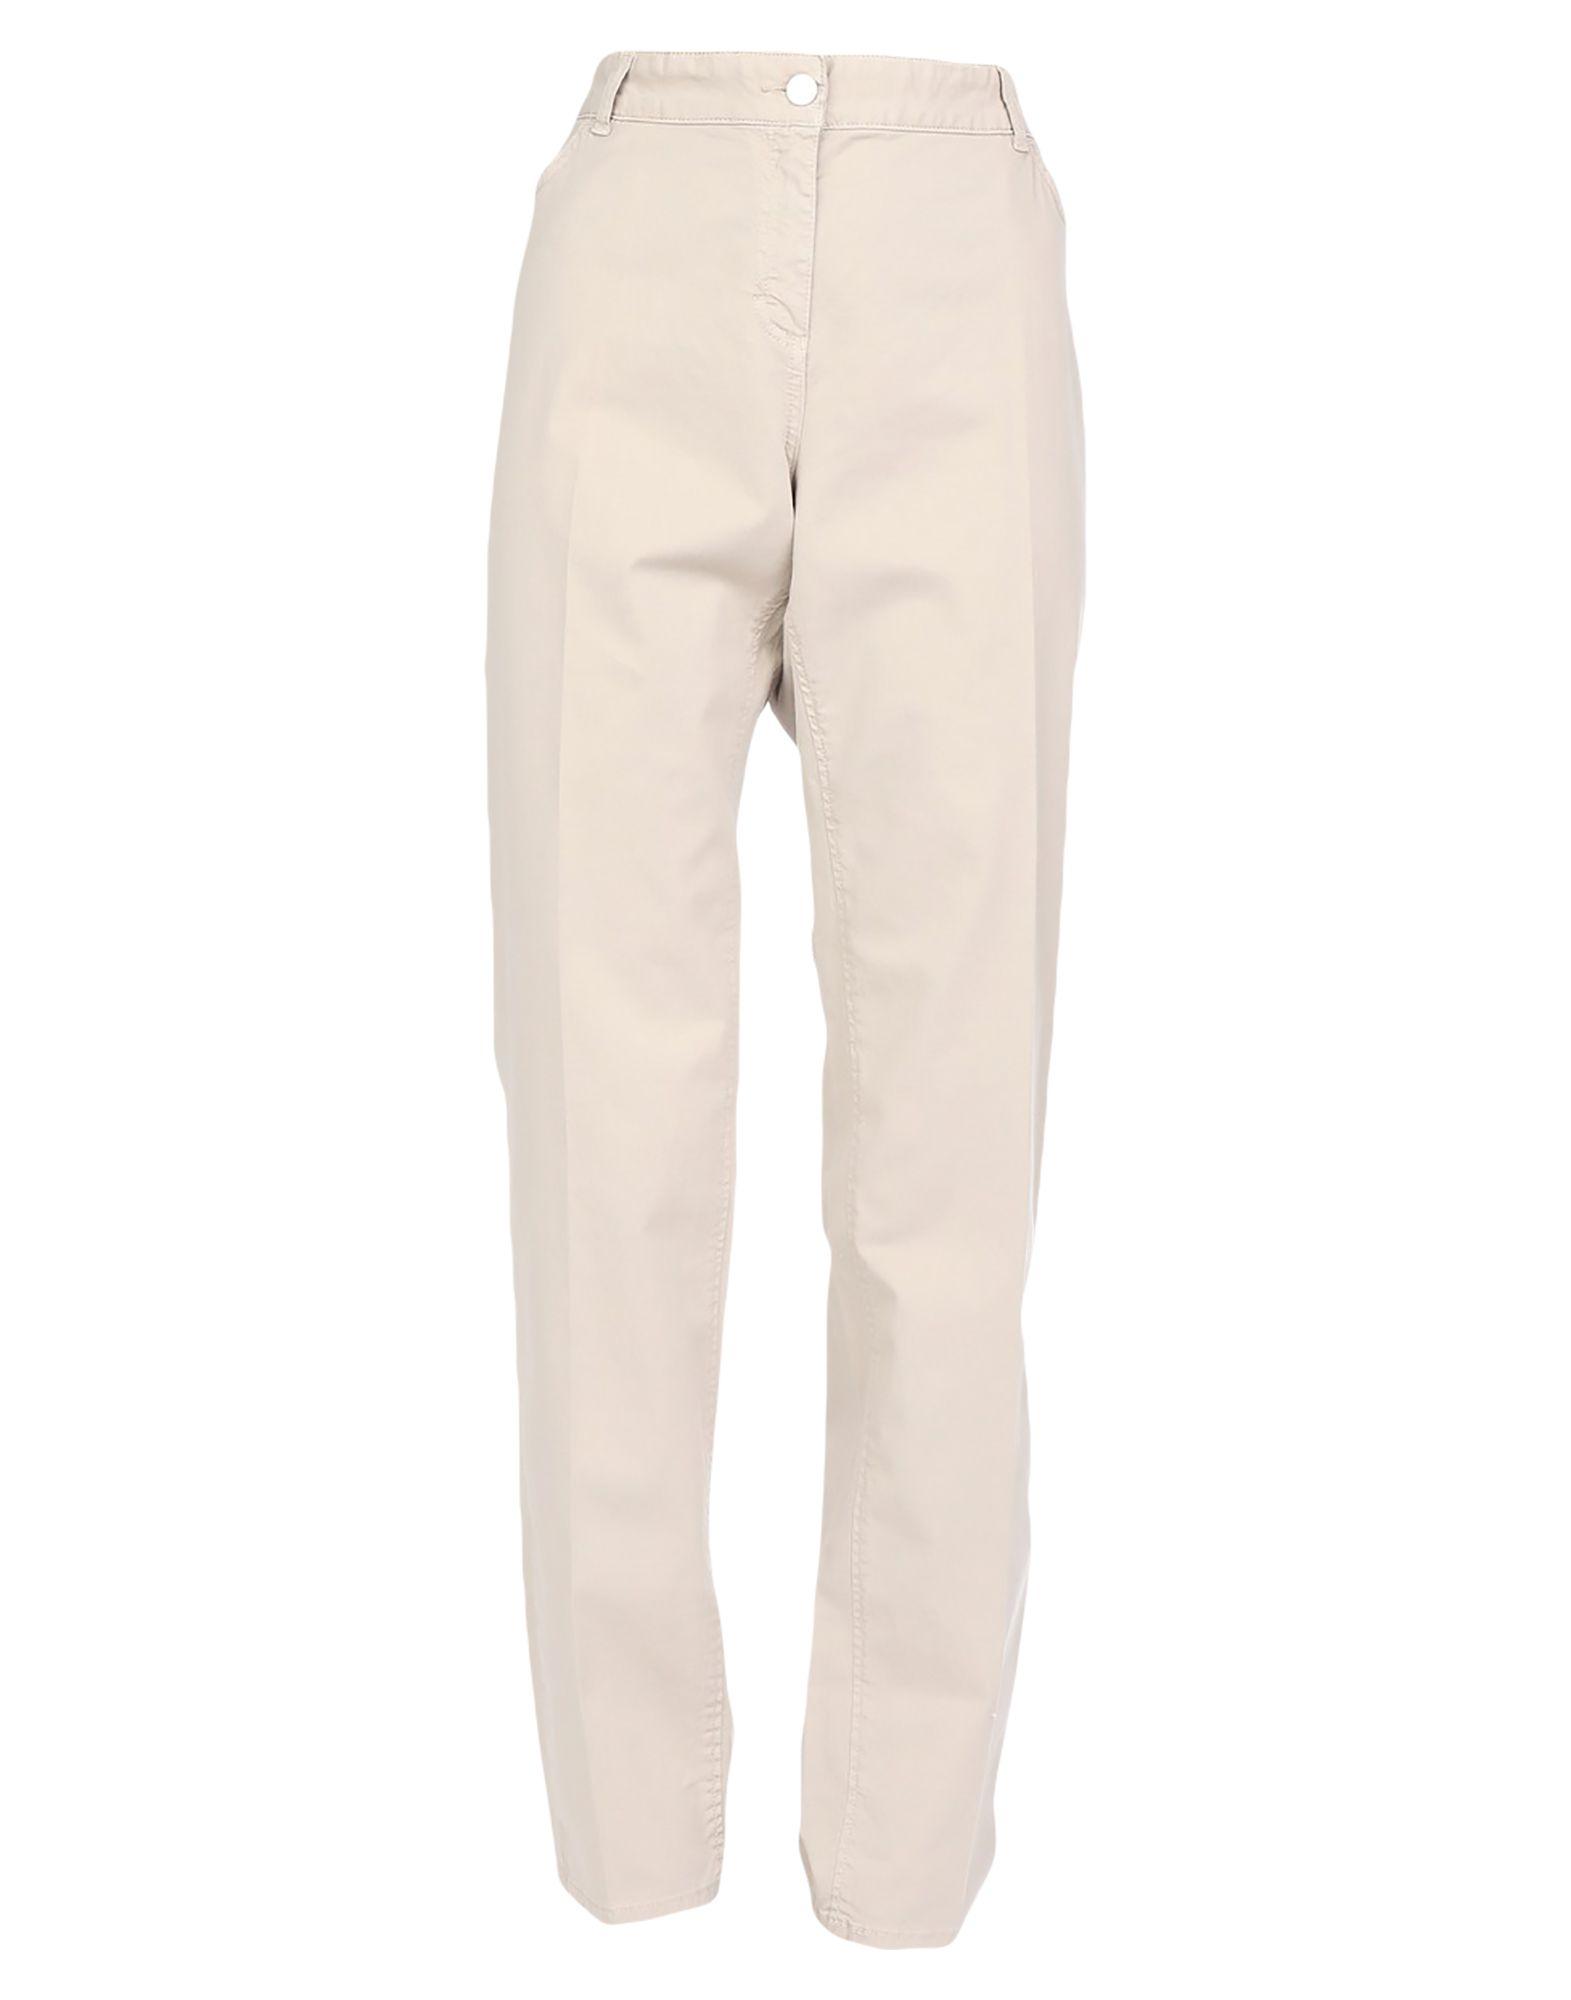 ELENA MIRO' Повседневные брюки пиджак elena miro